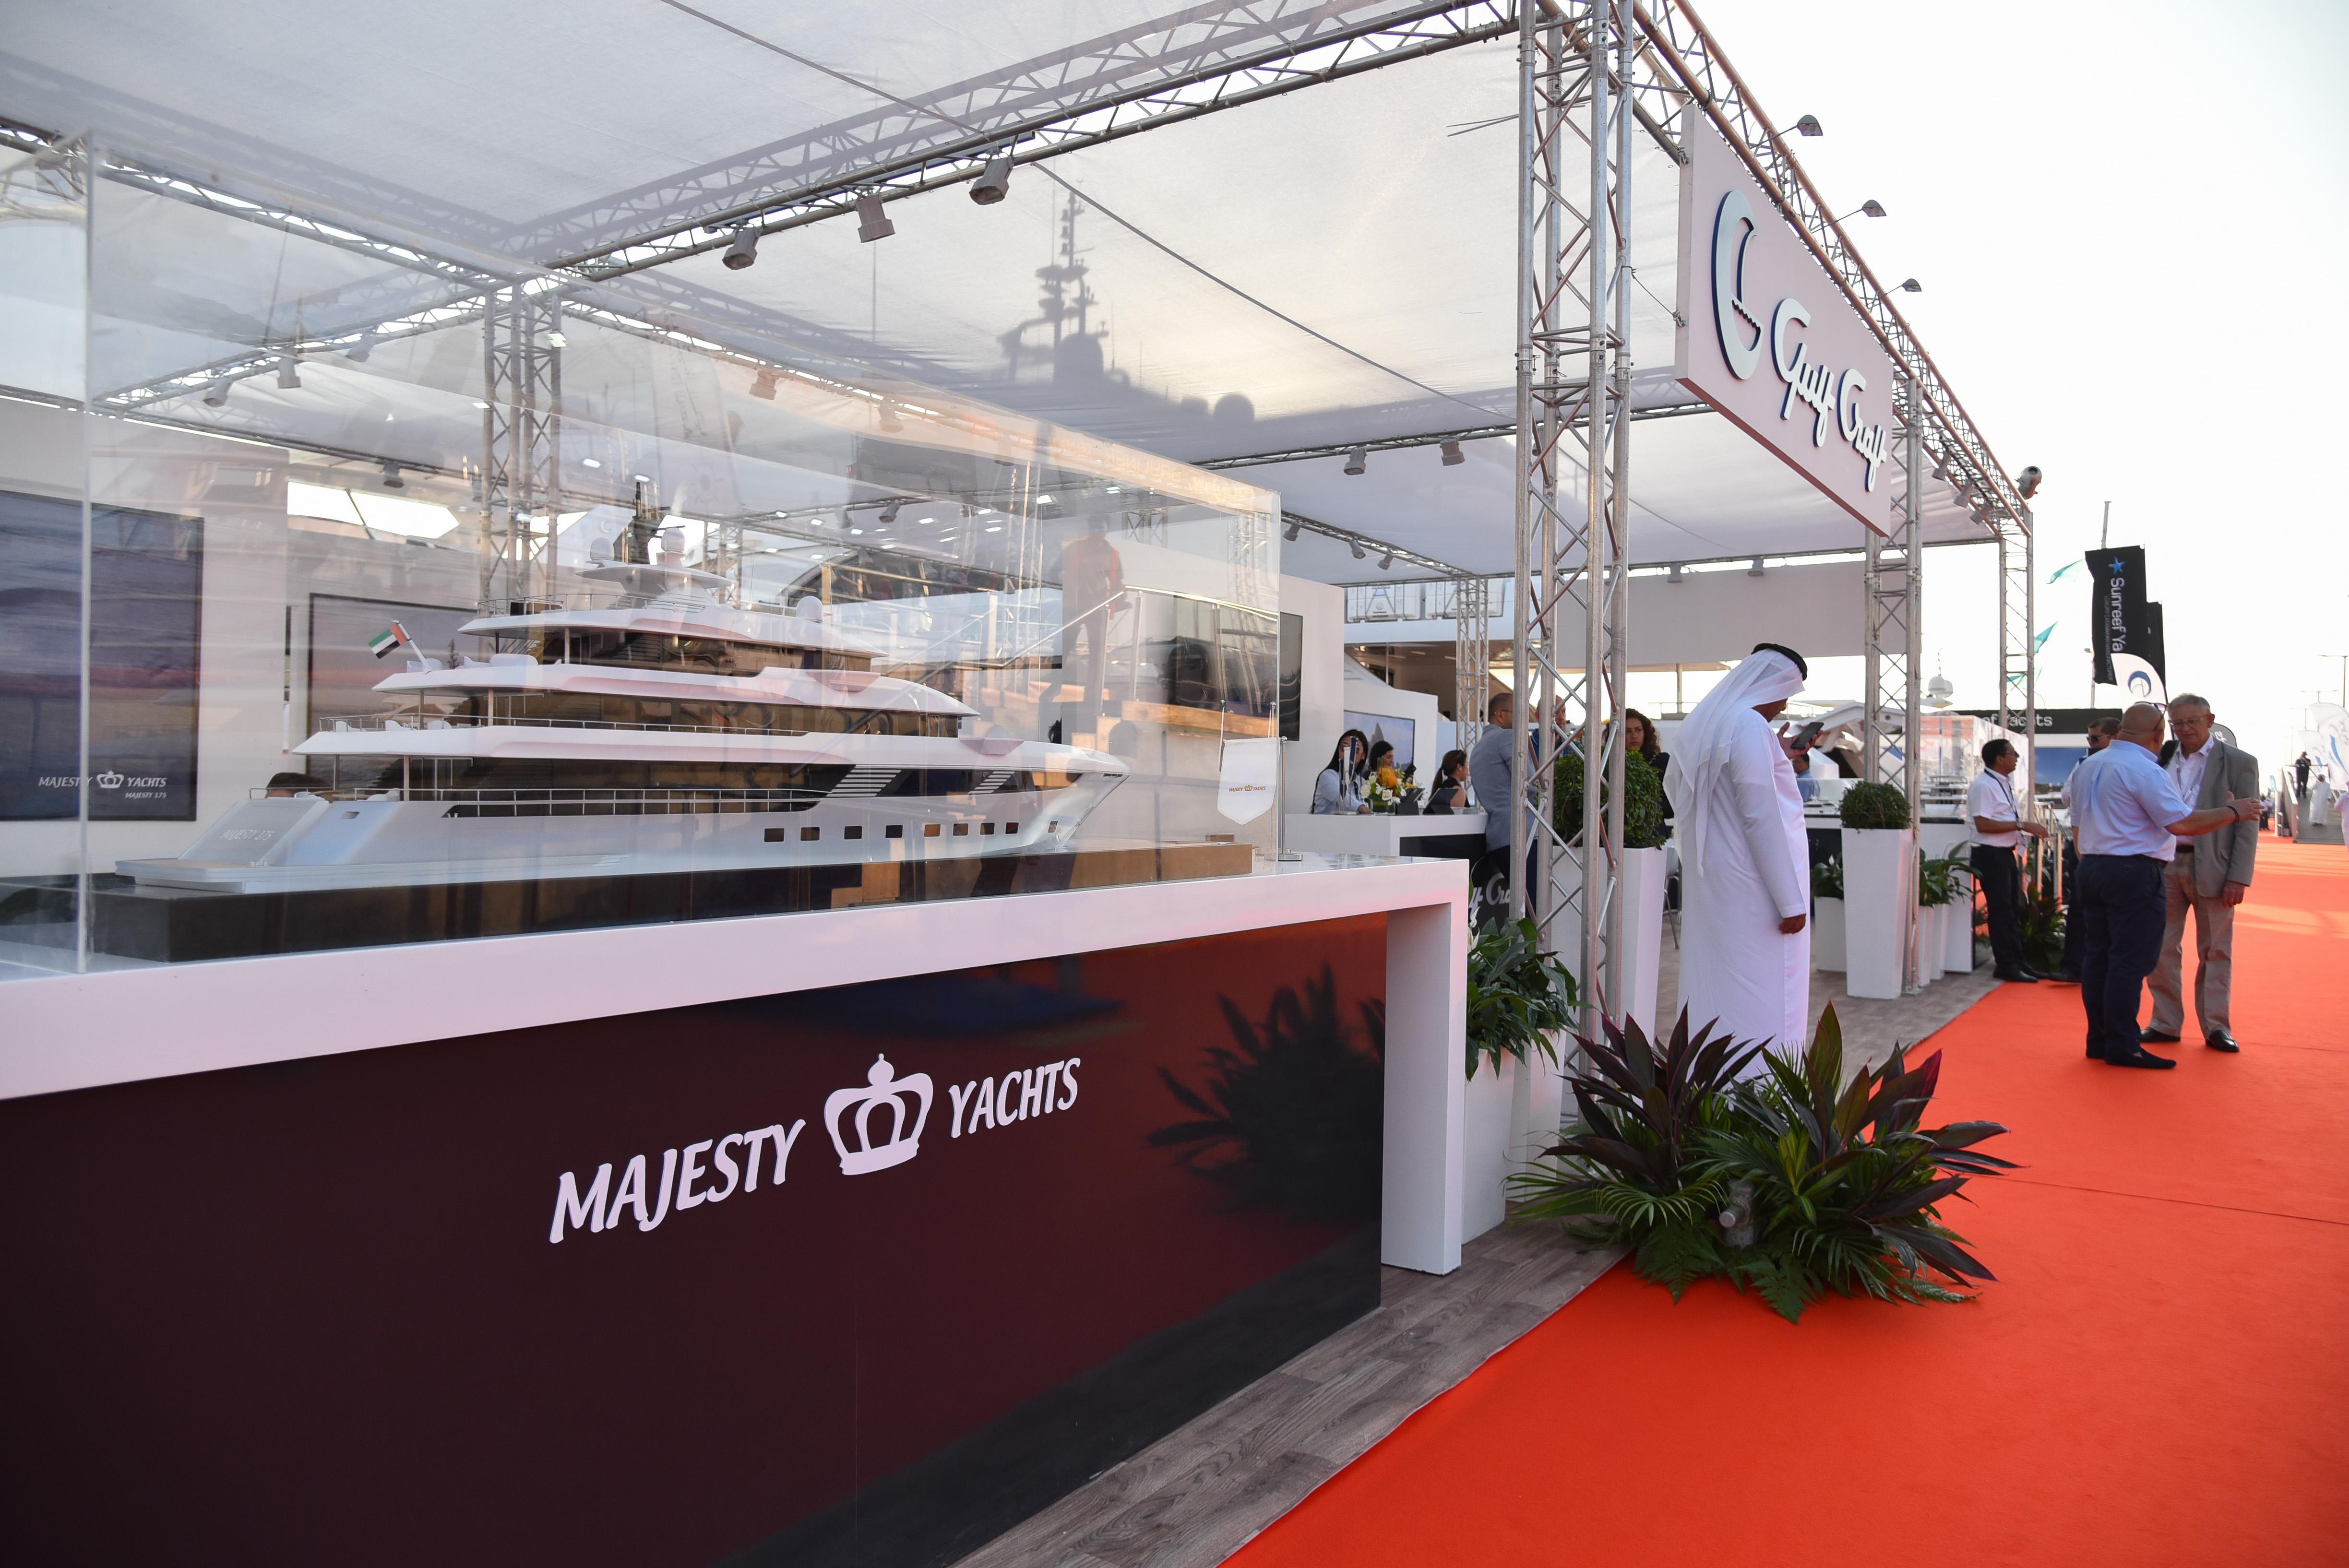 Gulf Craft, Abu Dhabi Boat Show 2018 (11).jpg